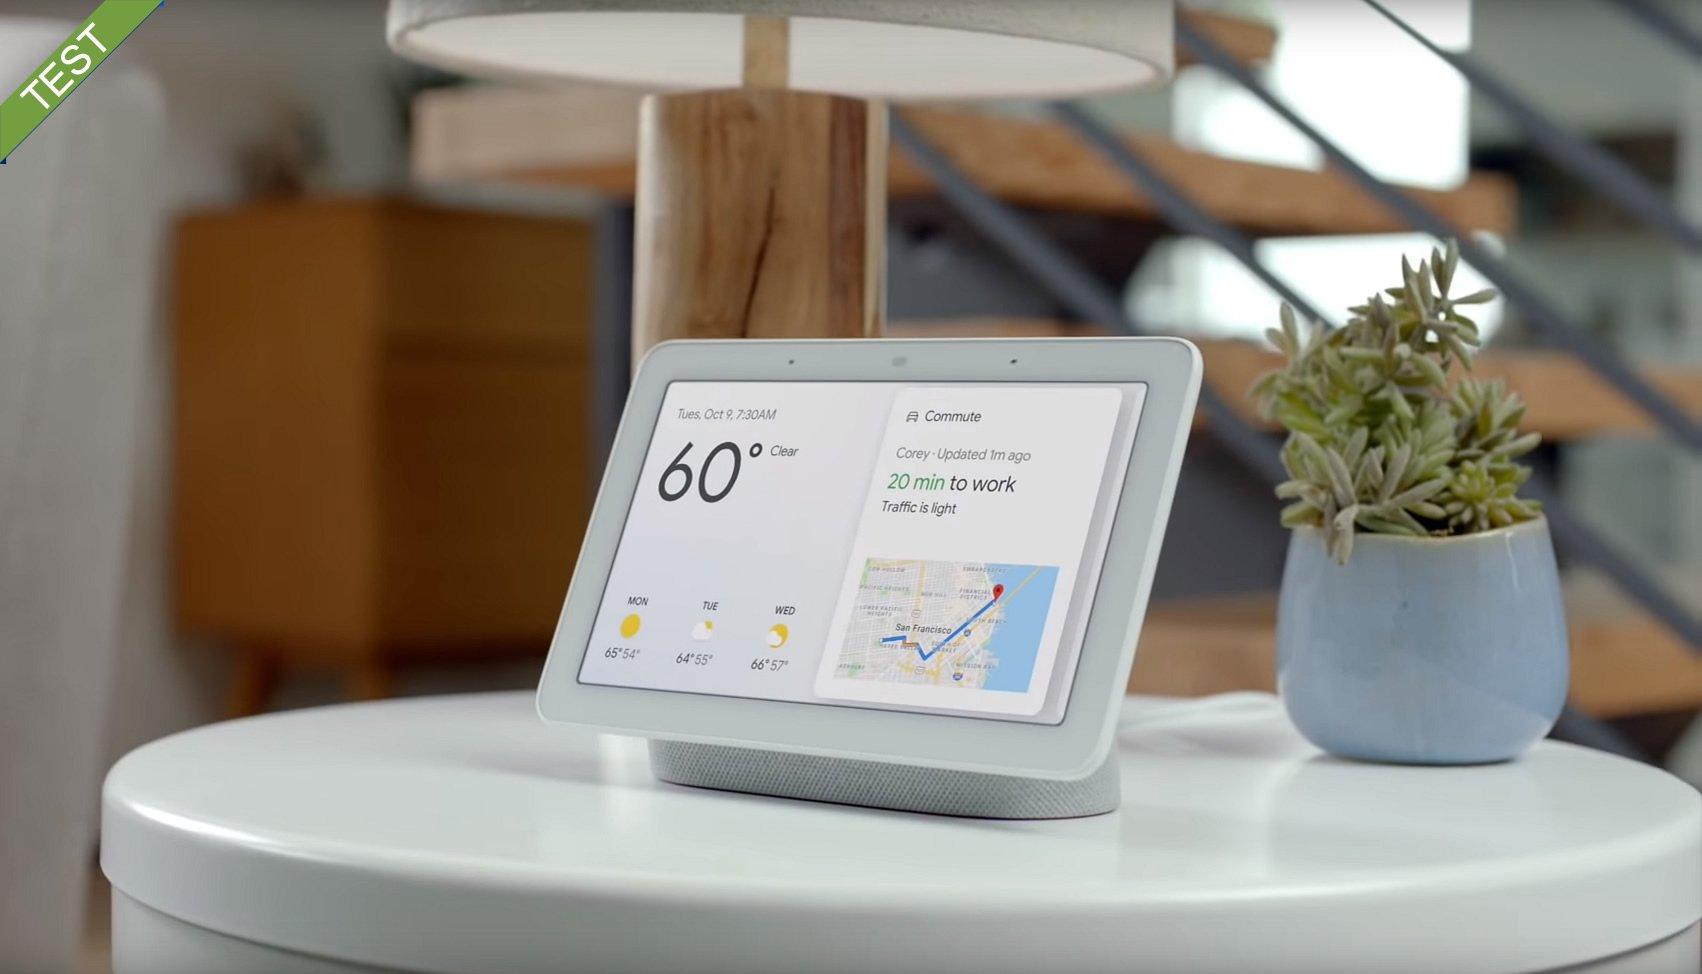 Google Home Hub dansk test anmeldelse